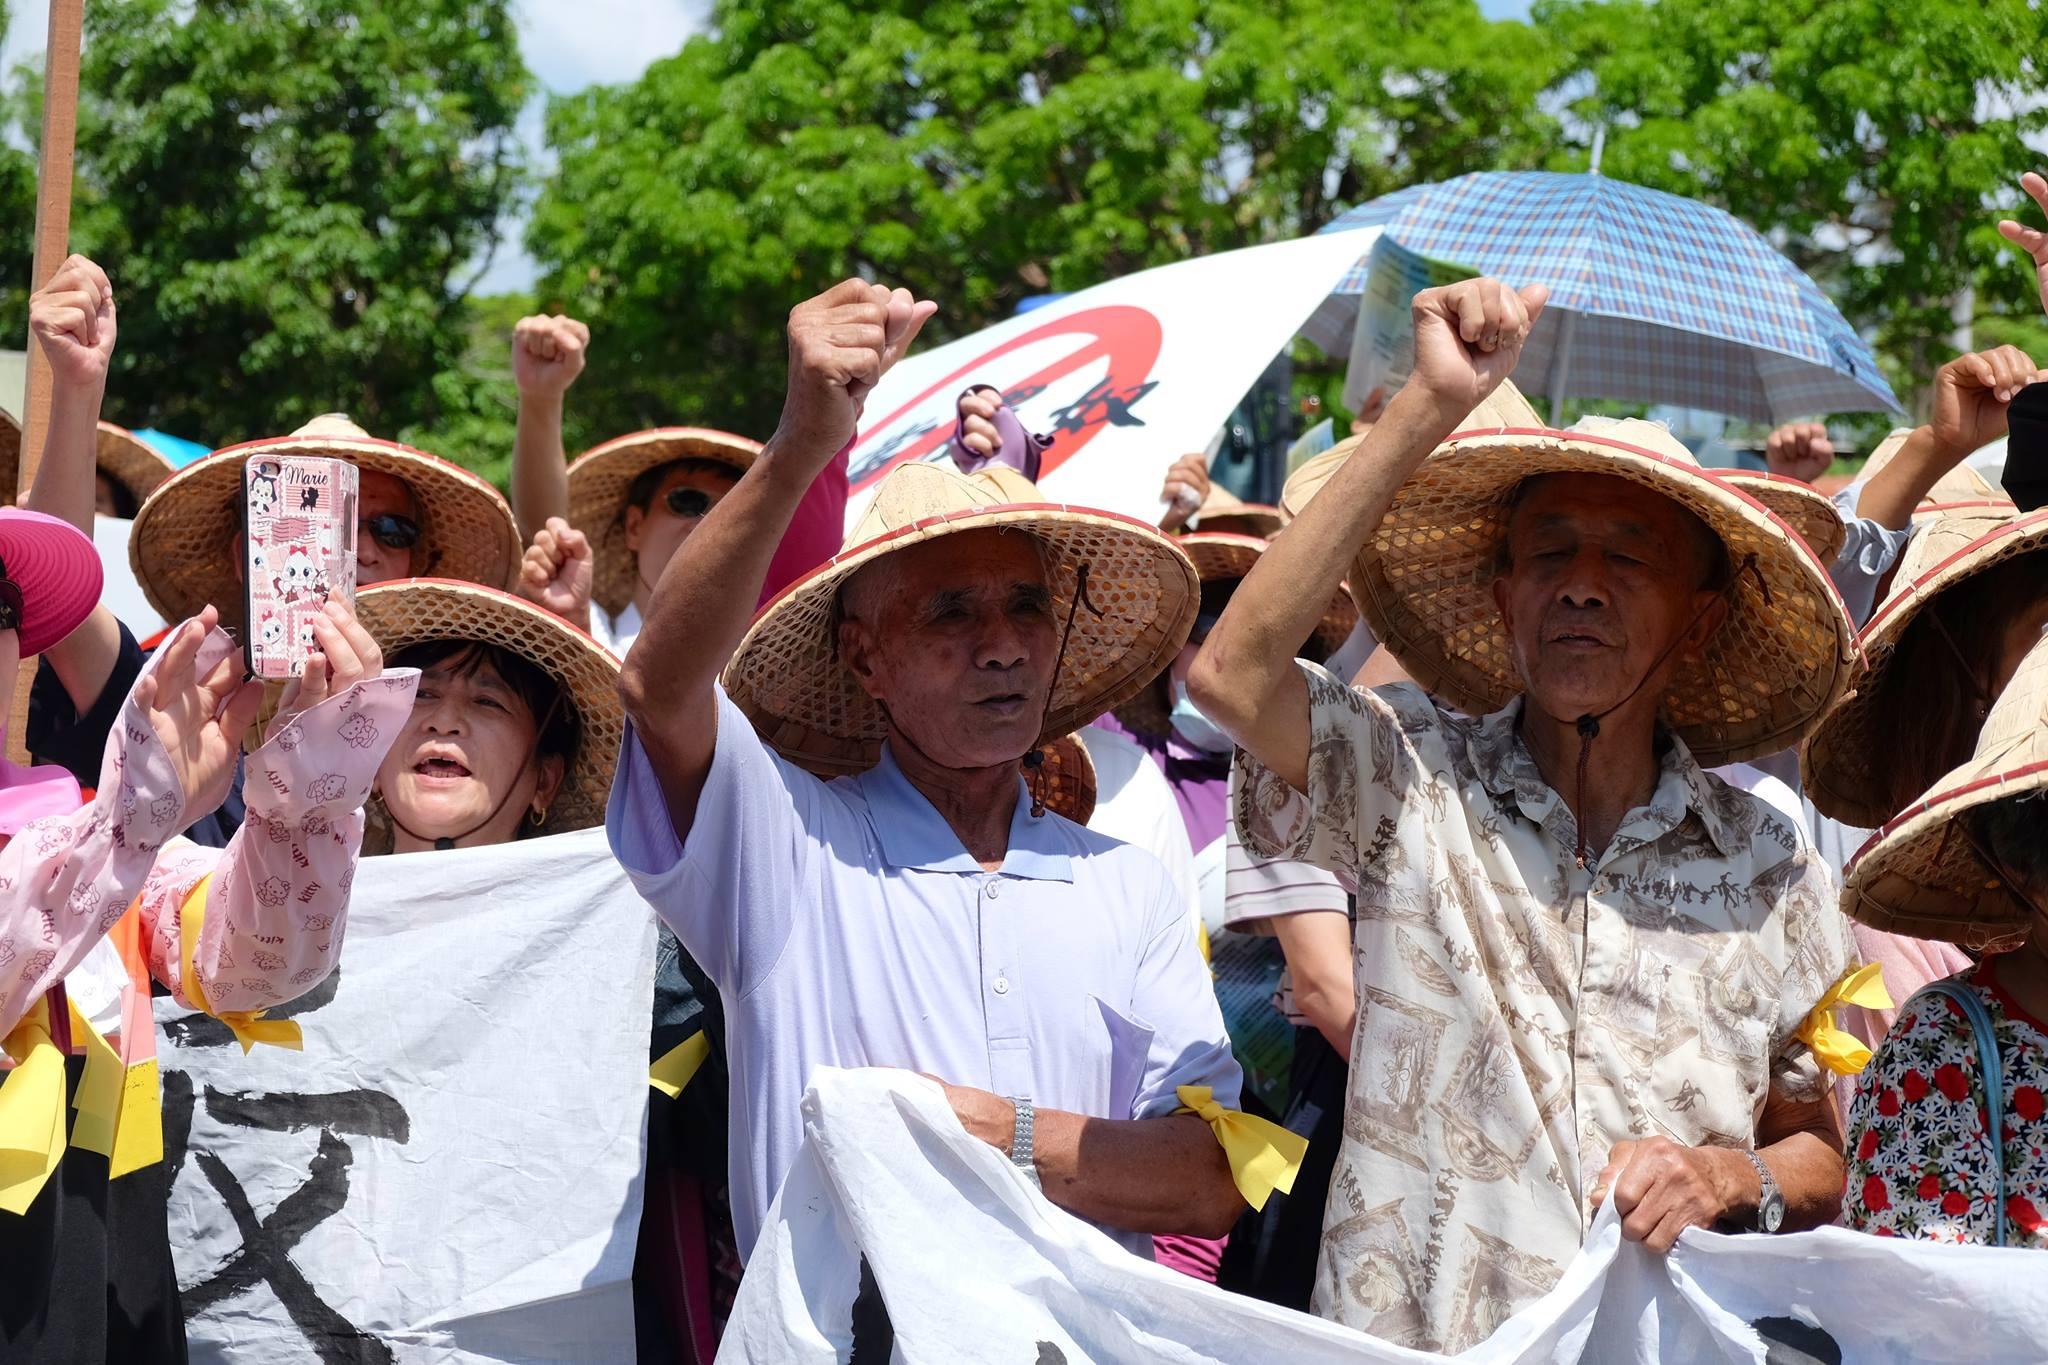 部分農民齊聚宜蘭縣政府前抗議。(圖/林慧貞攝影)